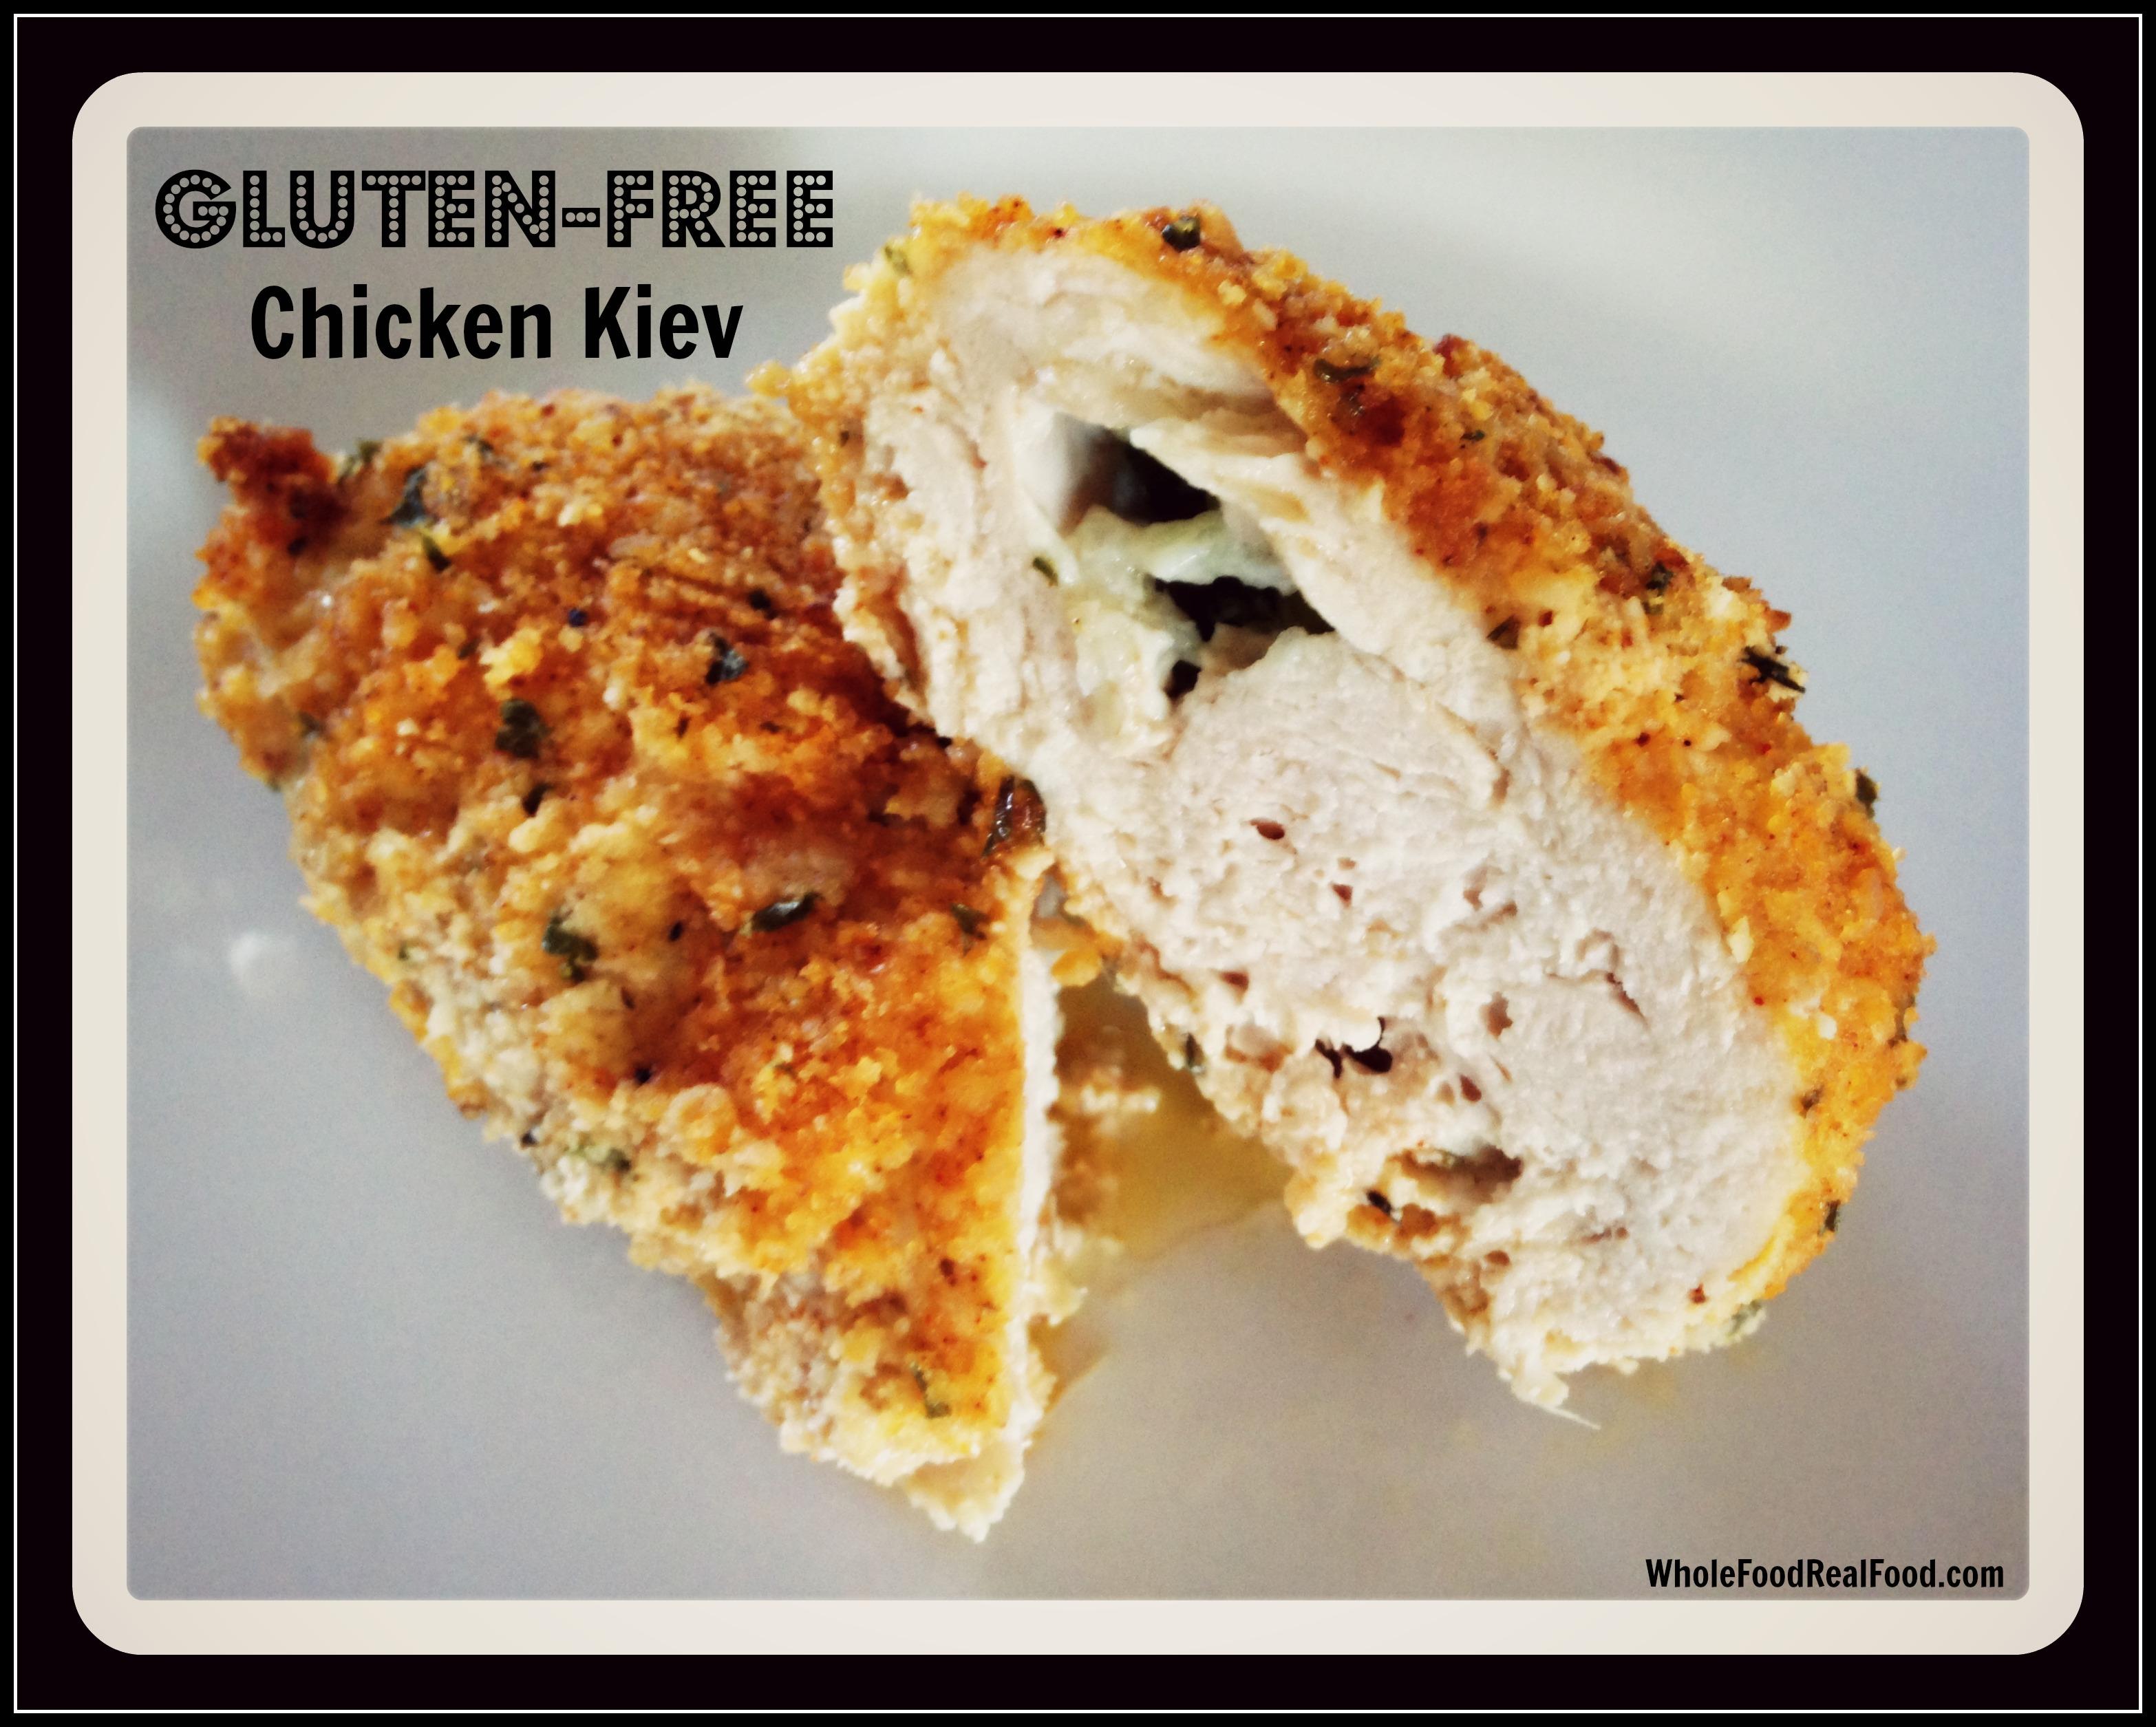 Gluten-Free Chicken Kiev